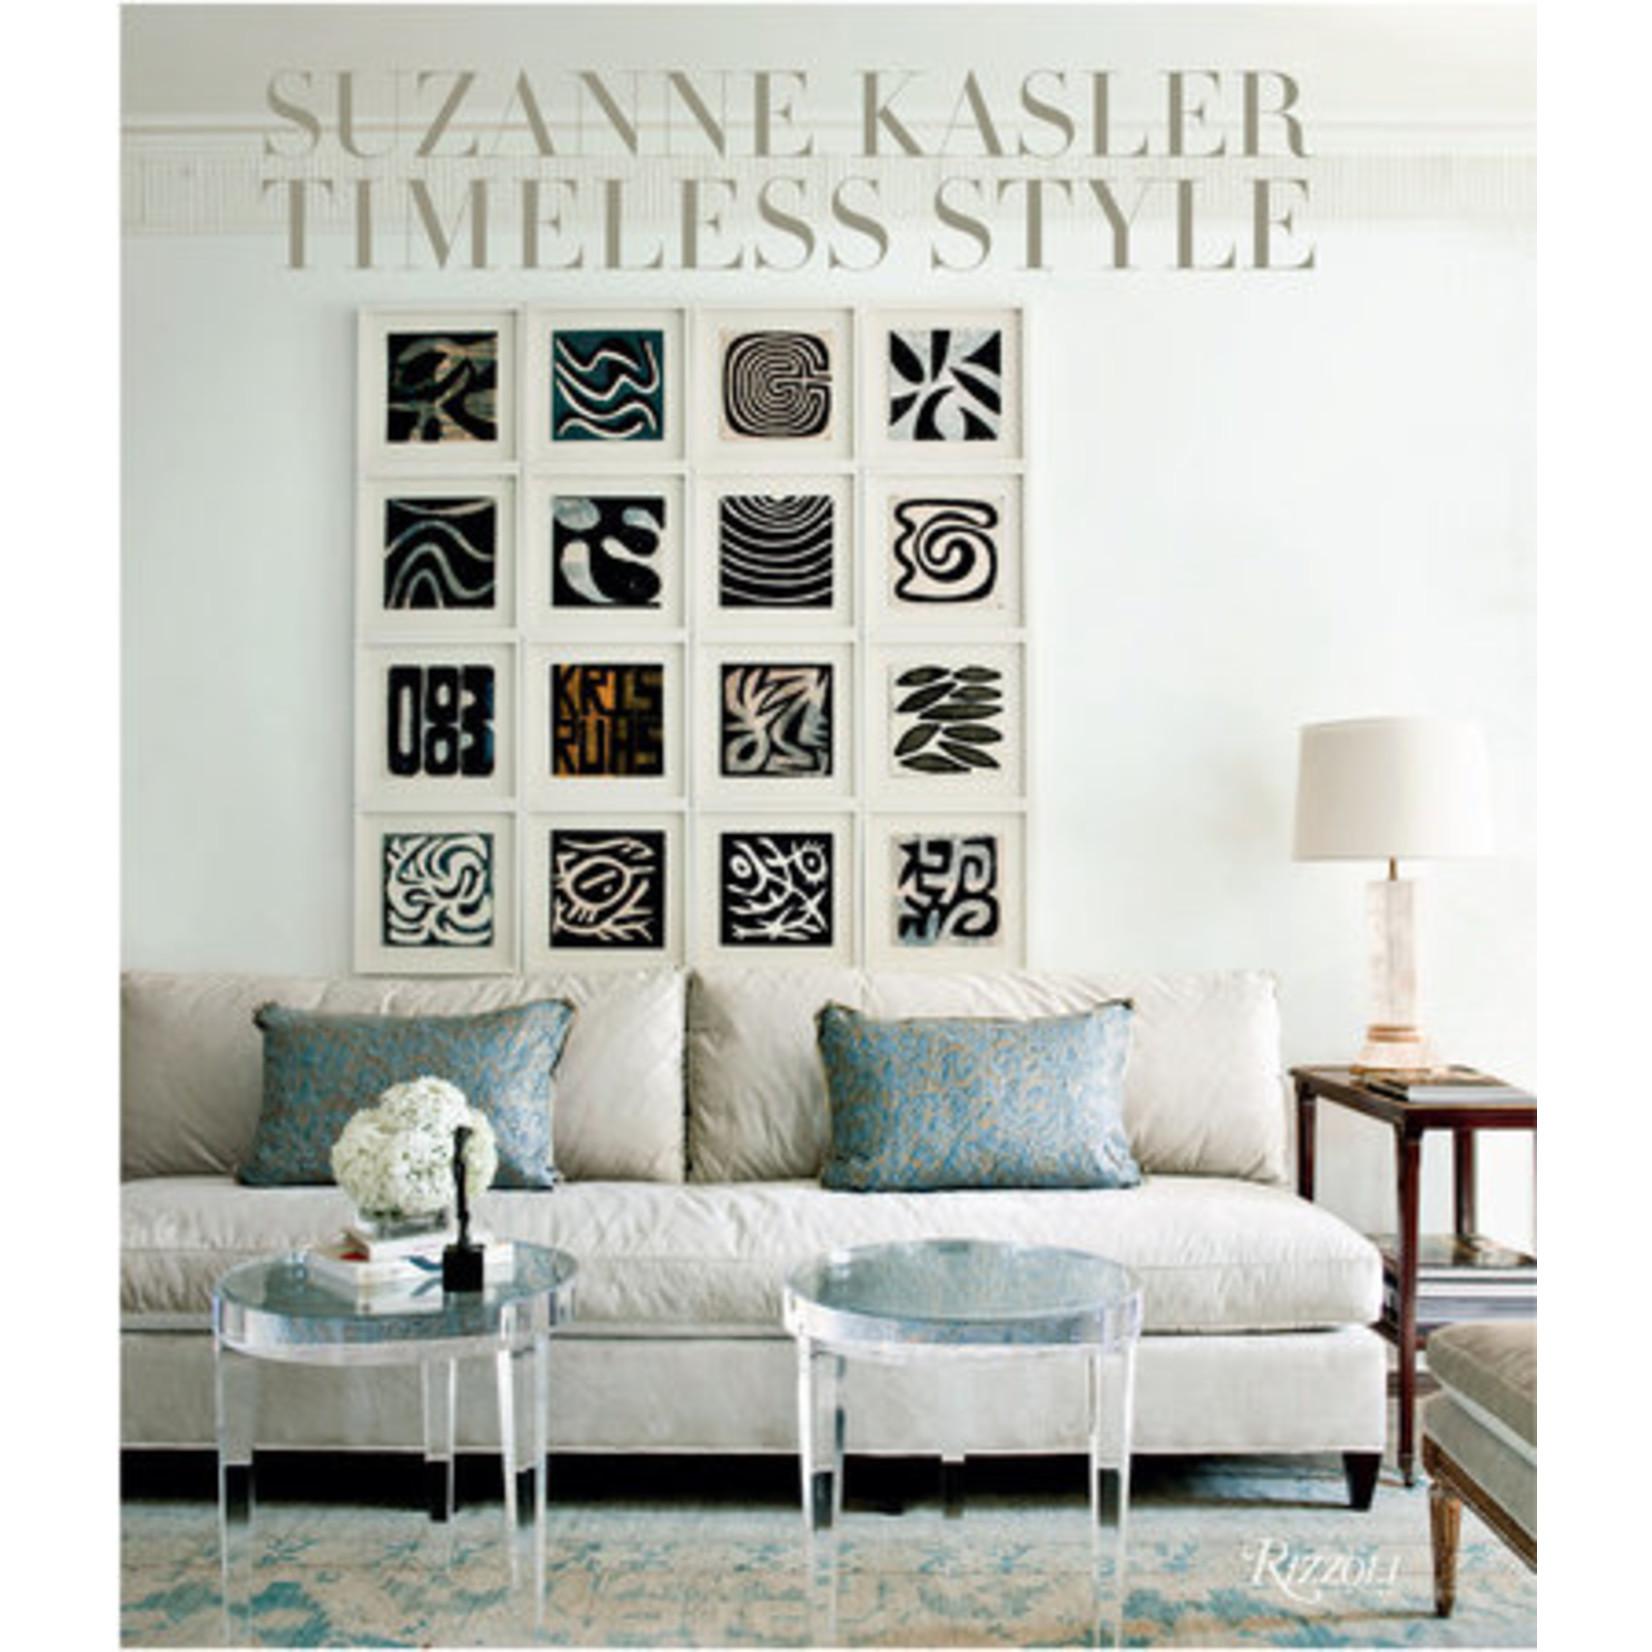 Penguin Random House Suzanne Kassler: Timeless Style